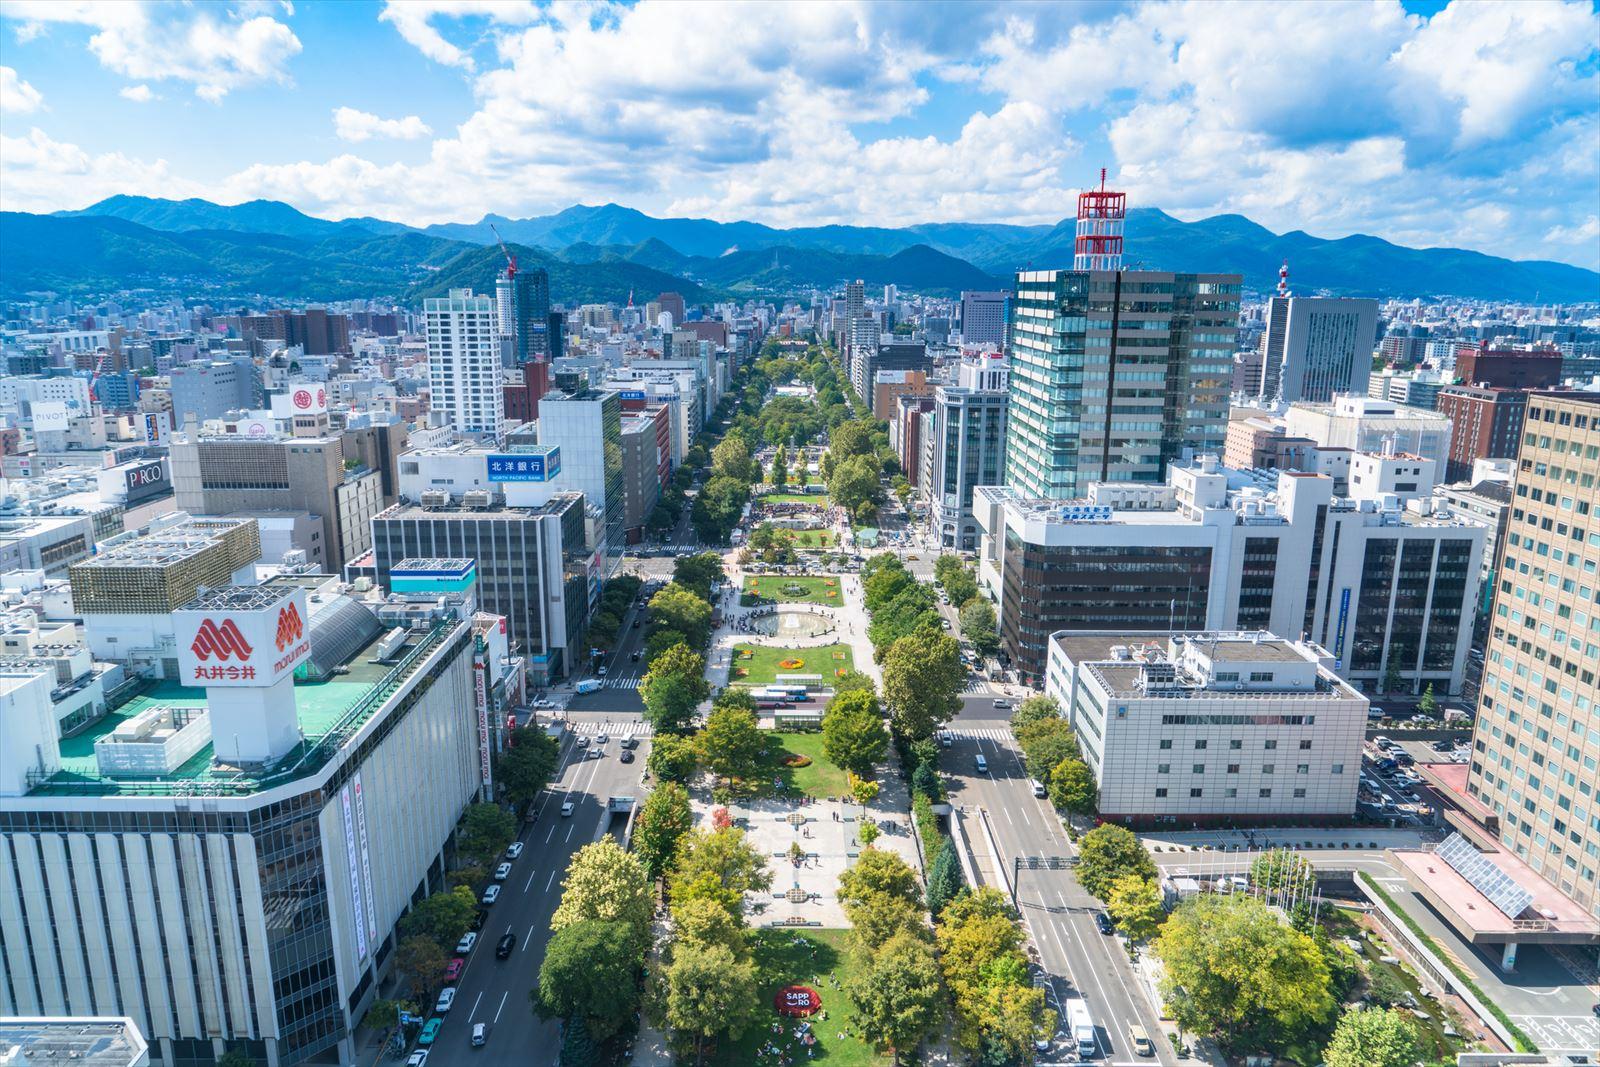 写真を撮るならココ!札幌の絶好の写真スポット11選 | エアトリ ...